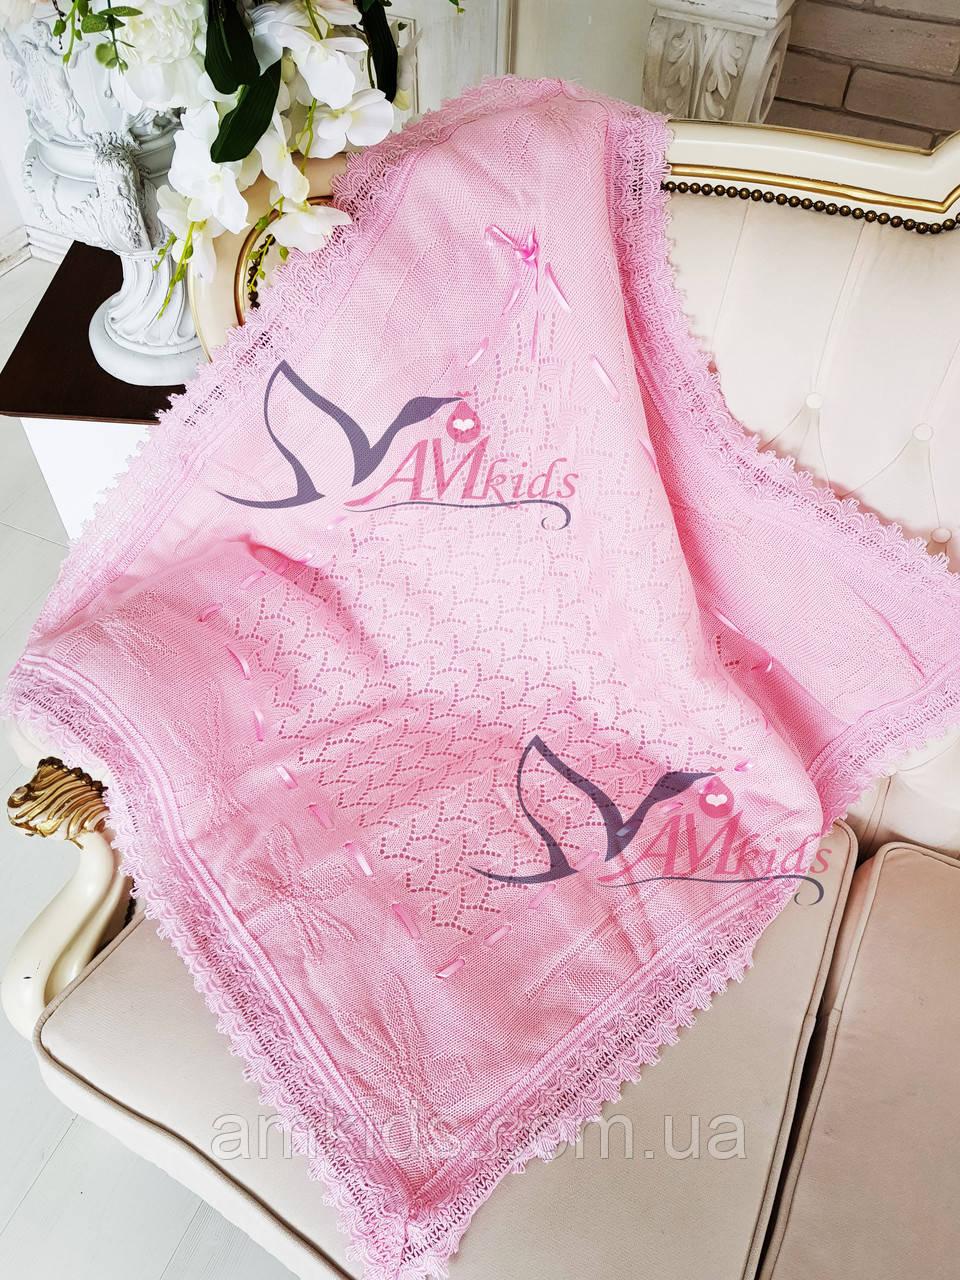 детский вязаный плед для новорожденного аист розовый цена 240